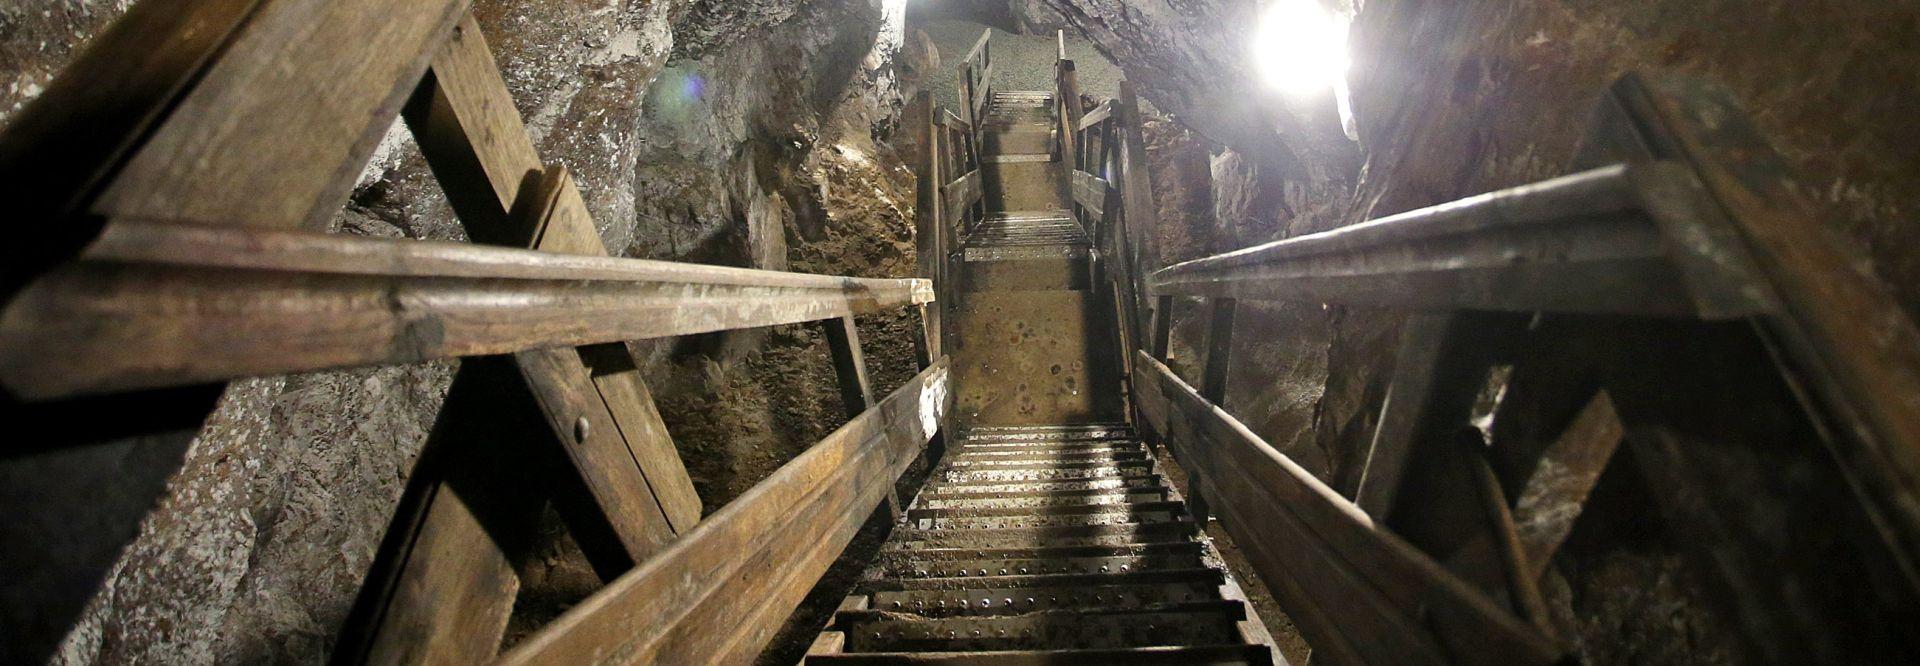 U Južnoafričkoj republici 950 rudara ostalo pod zemljom